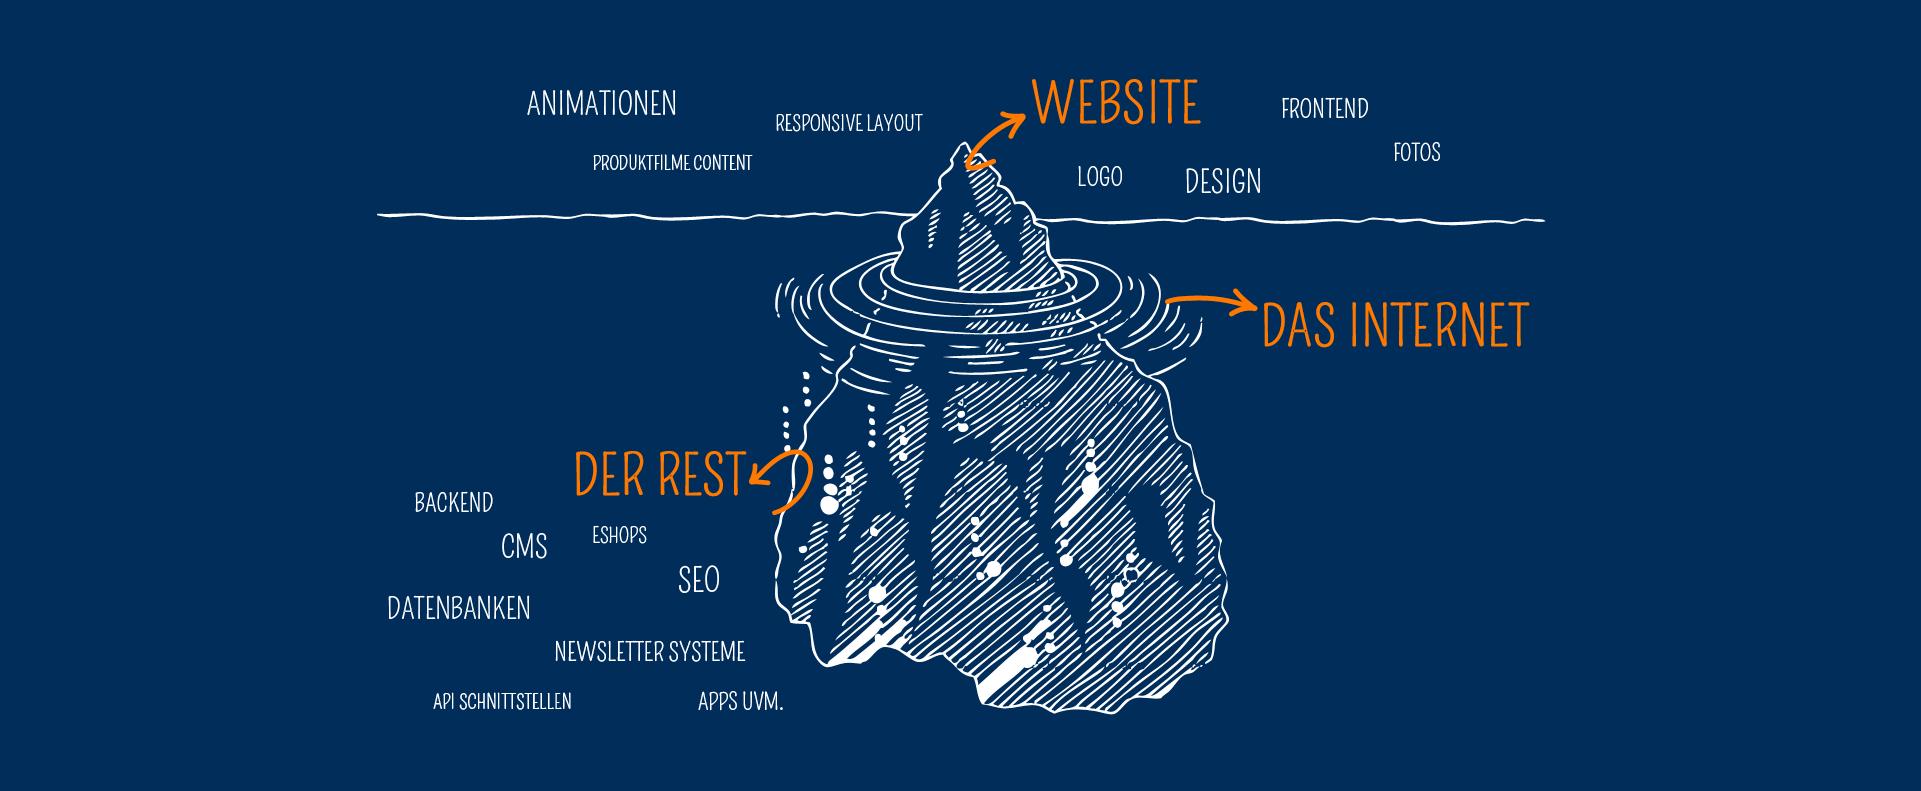 Die Website ist oft nur die Spitze des Eisberges.